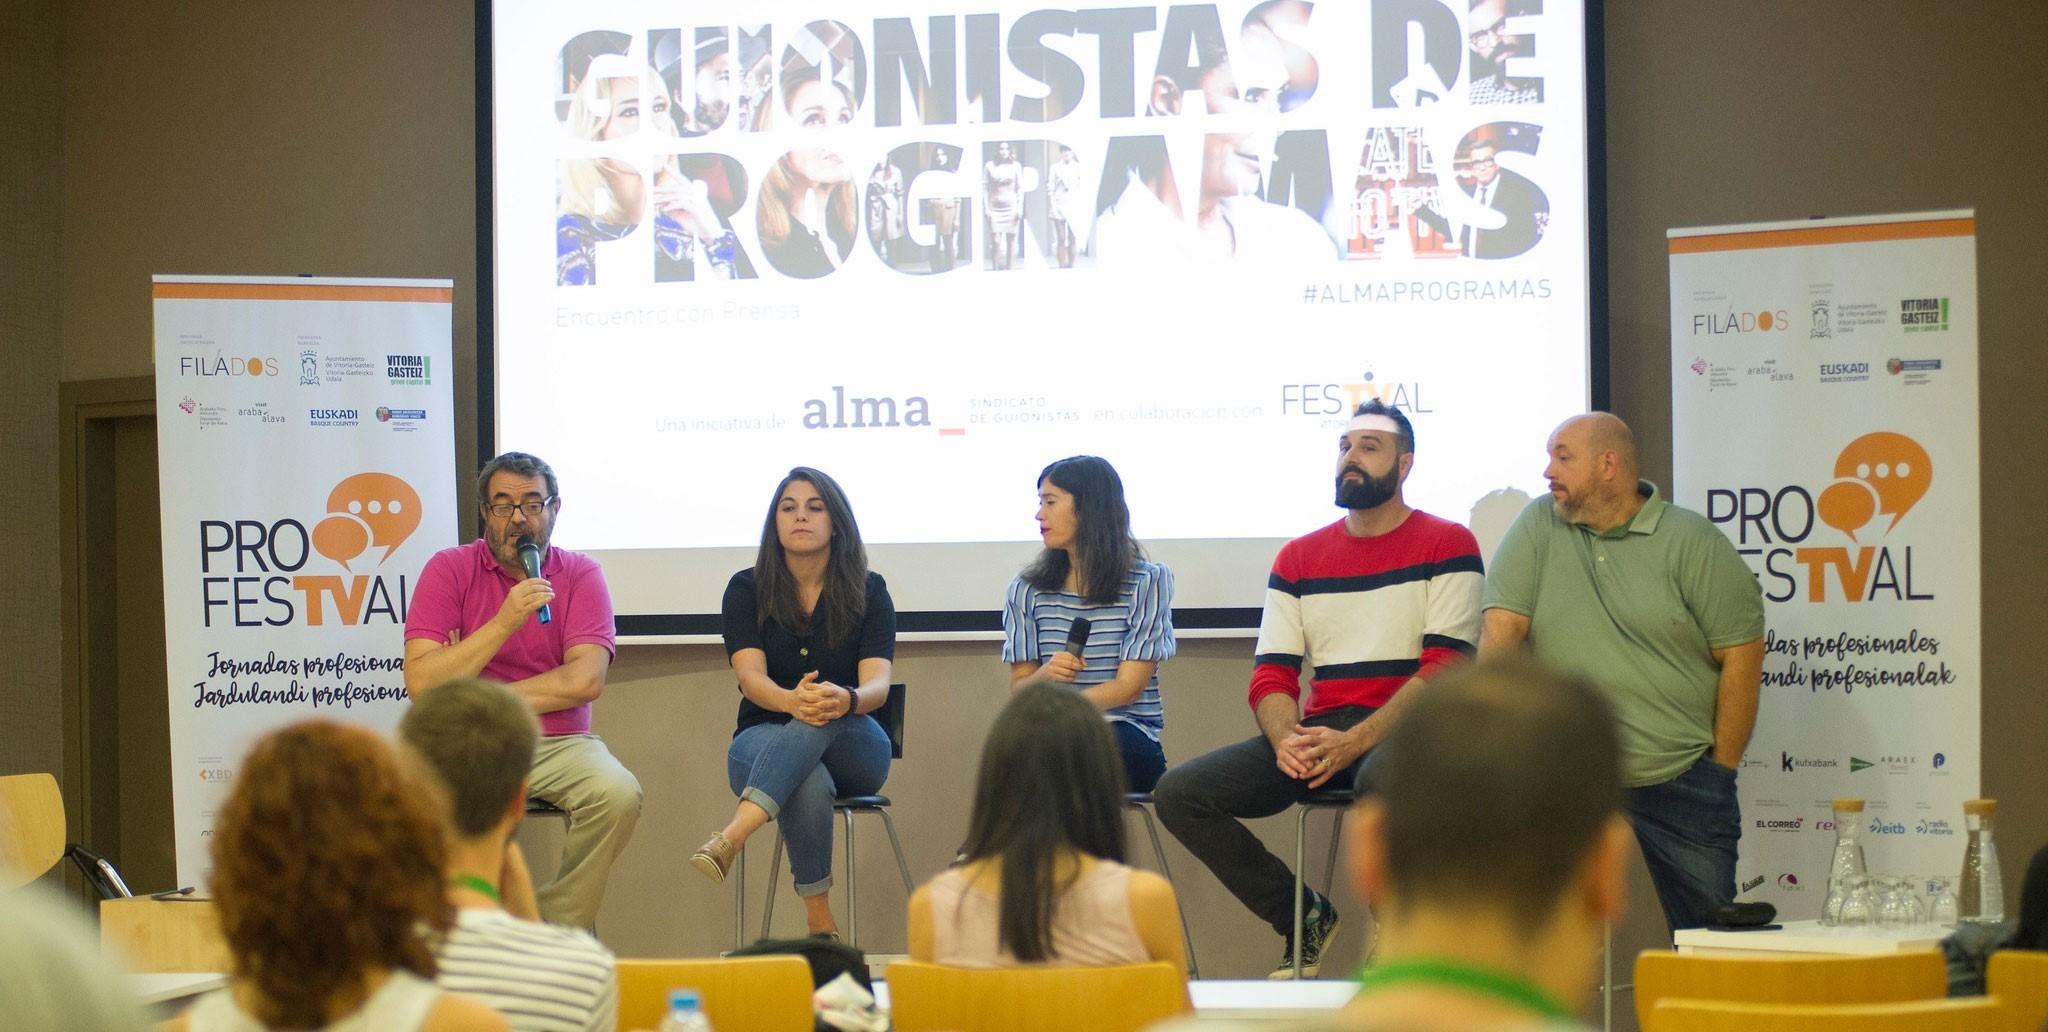 El sindicato de guionistas ALMA celebró el 6 de septiembre su III Encuentro de Guionistas de Programas en el FesTVal de Vitoria-Gasteiz